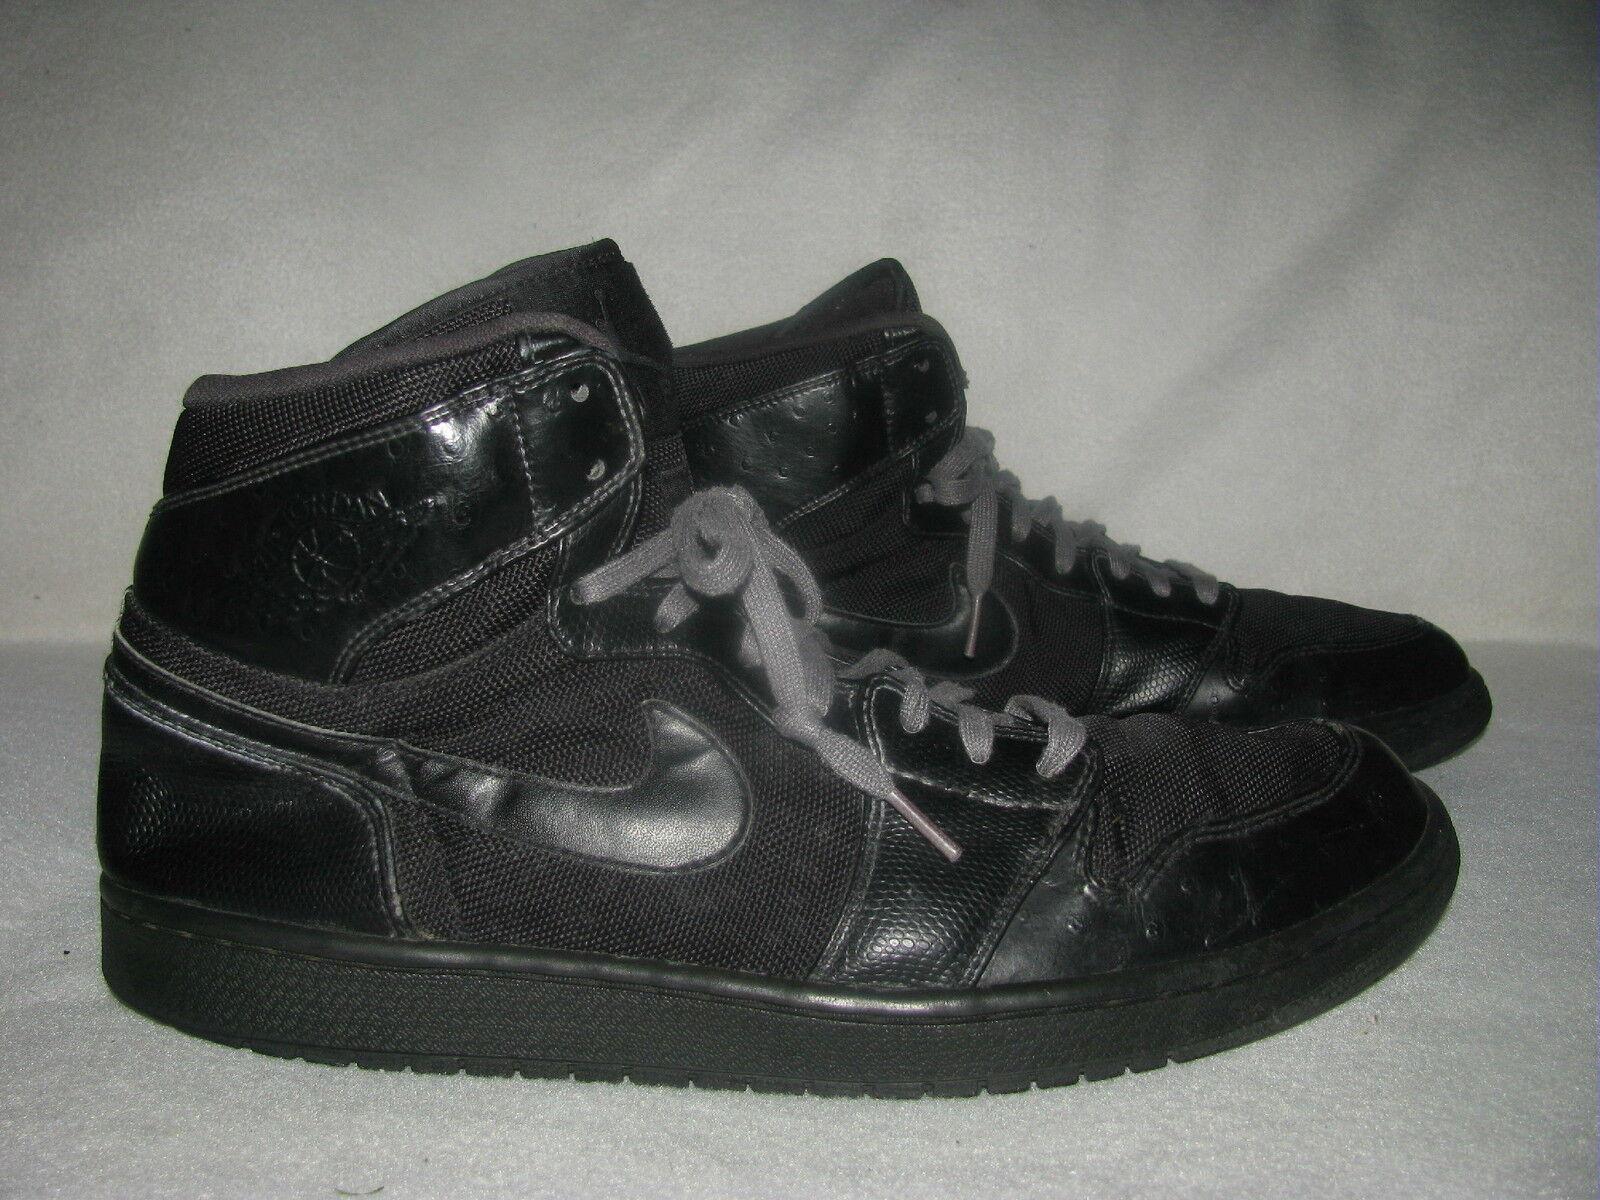 Nike Air Jordan 1 Retro Alta Negro 332550002 para Hombre Antracita Zapatillas 332550002 Negro 6e6047